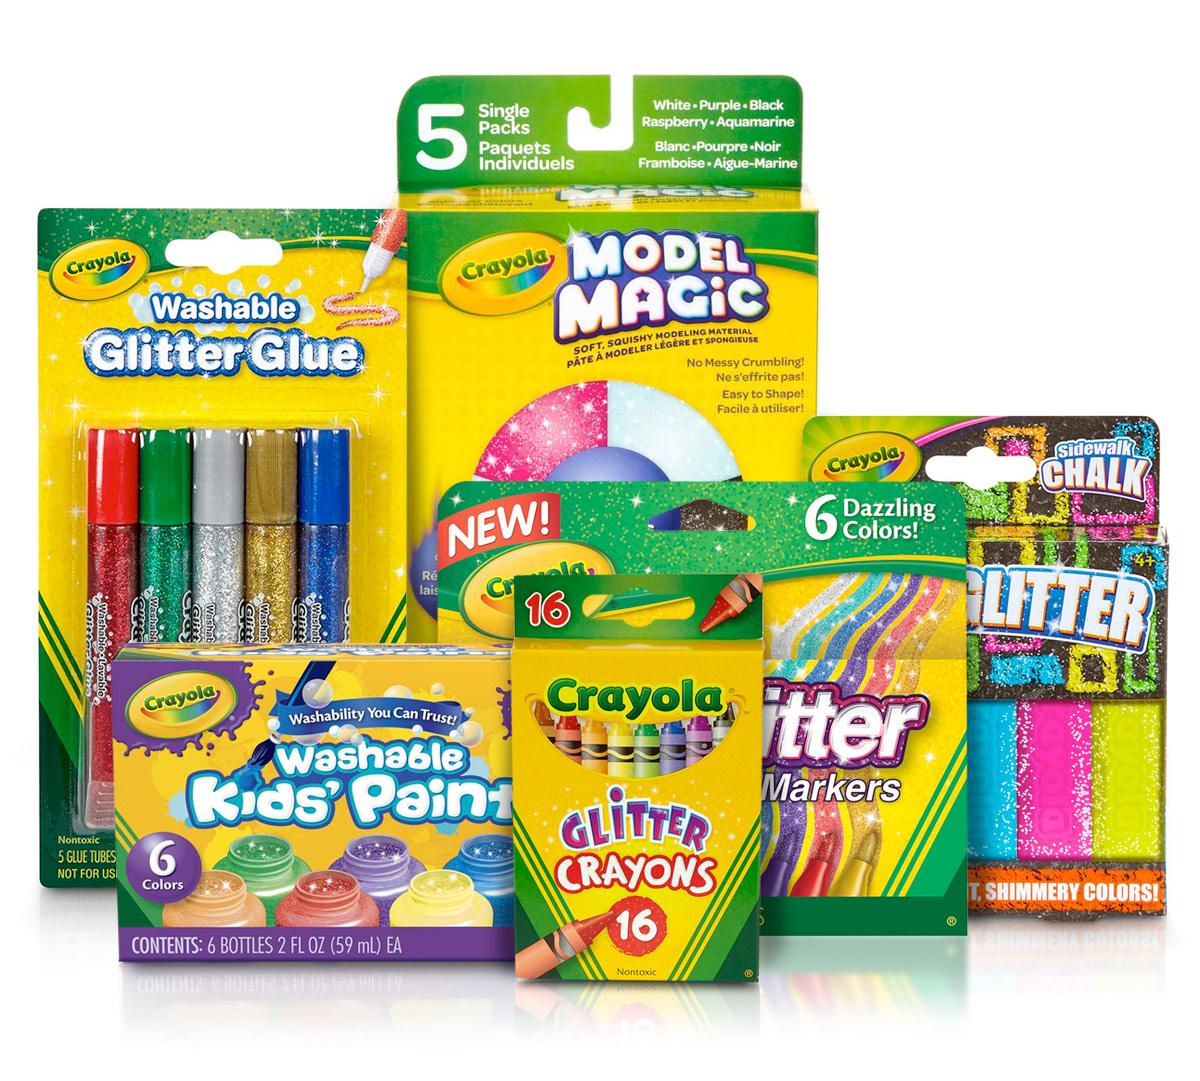 Easter Gift Guide | Crayola.com | crayola.com